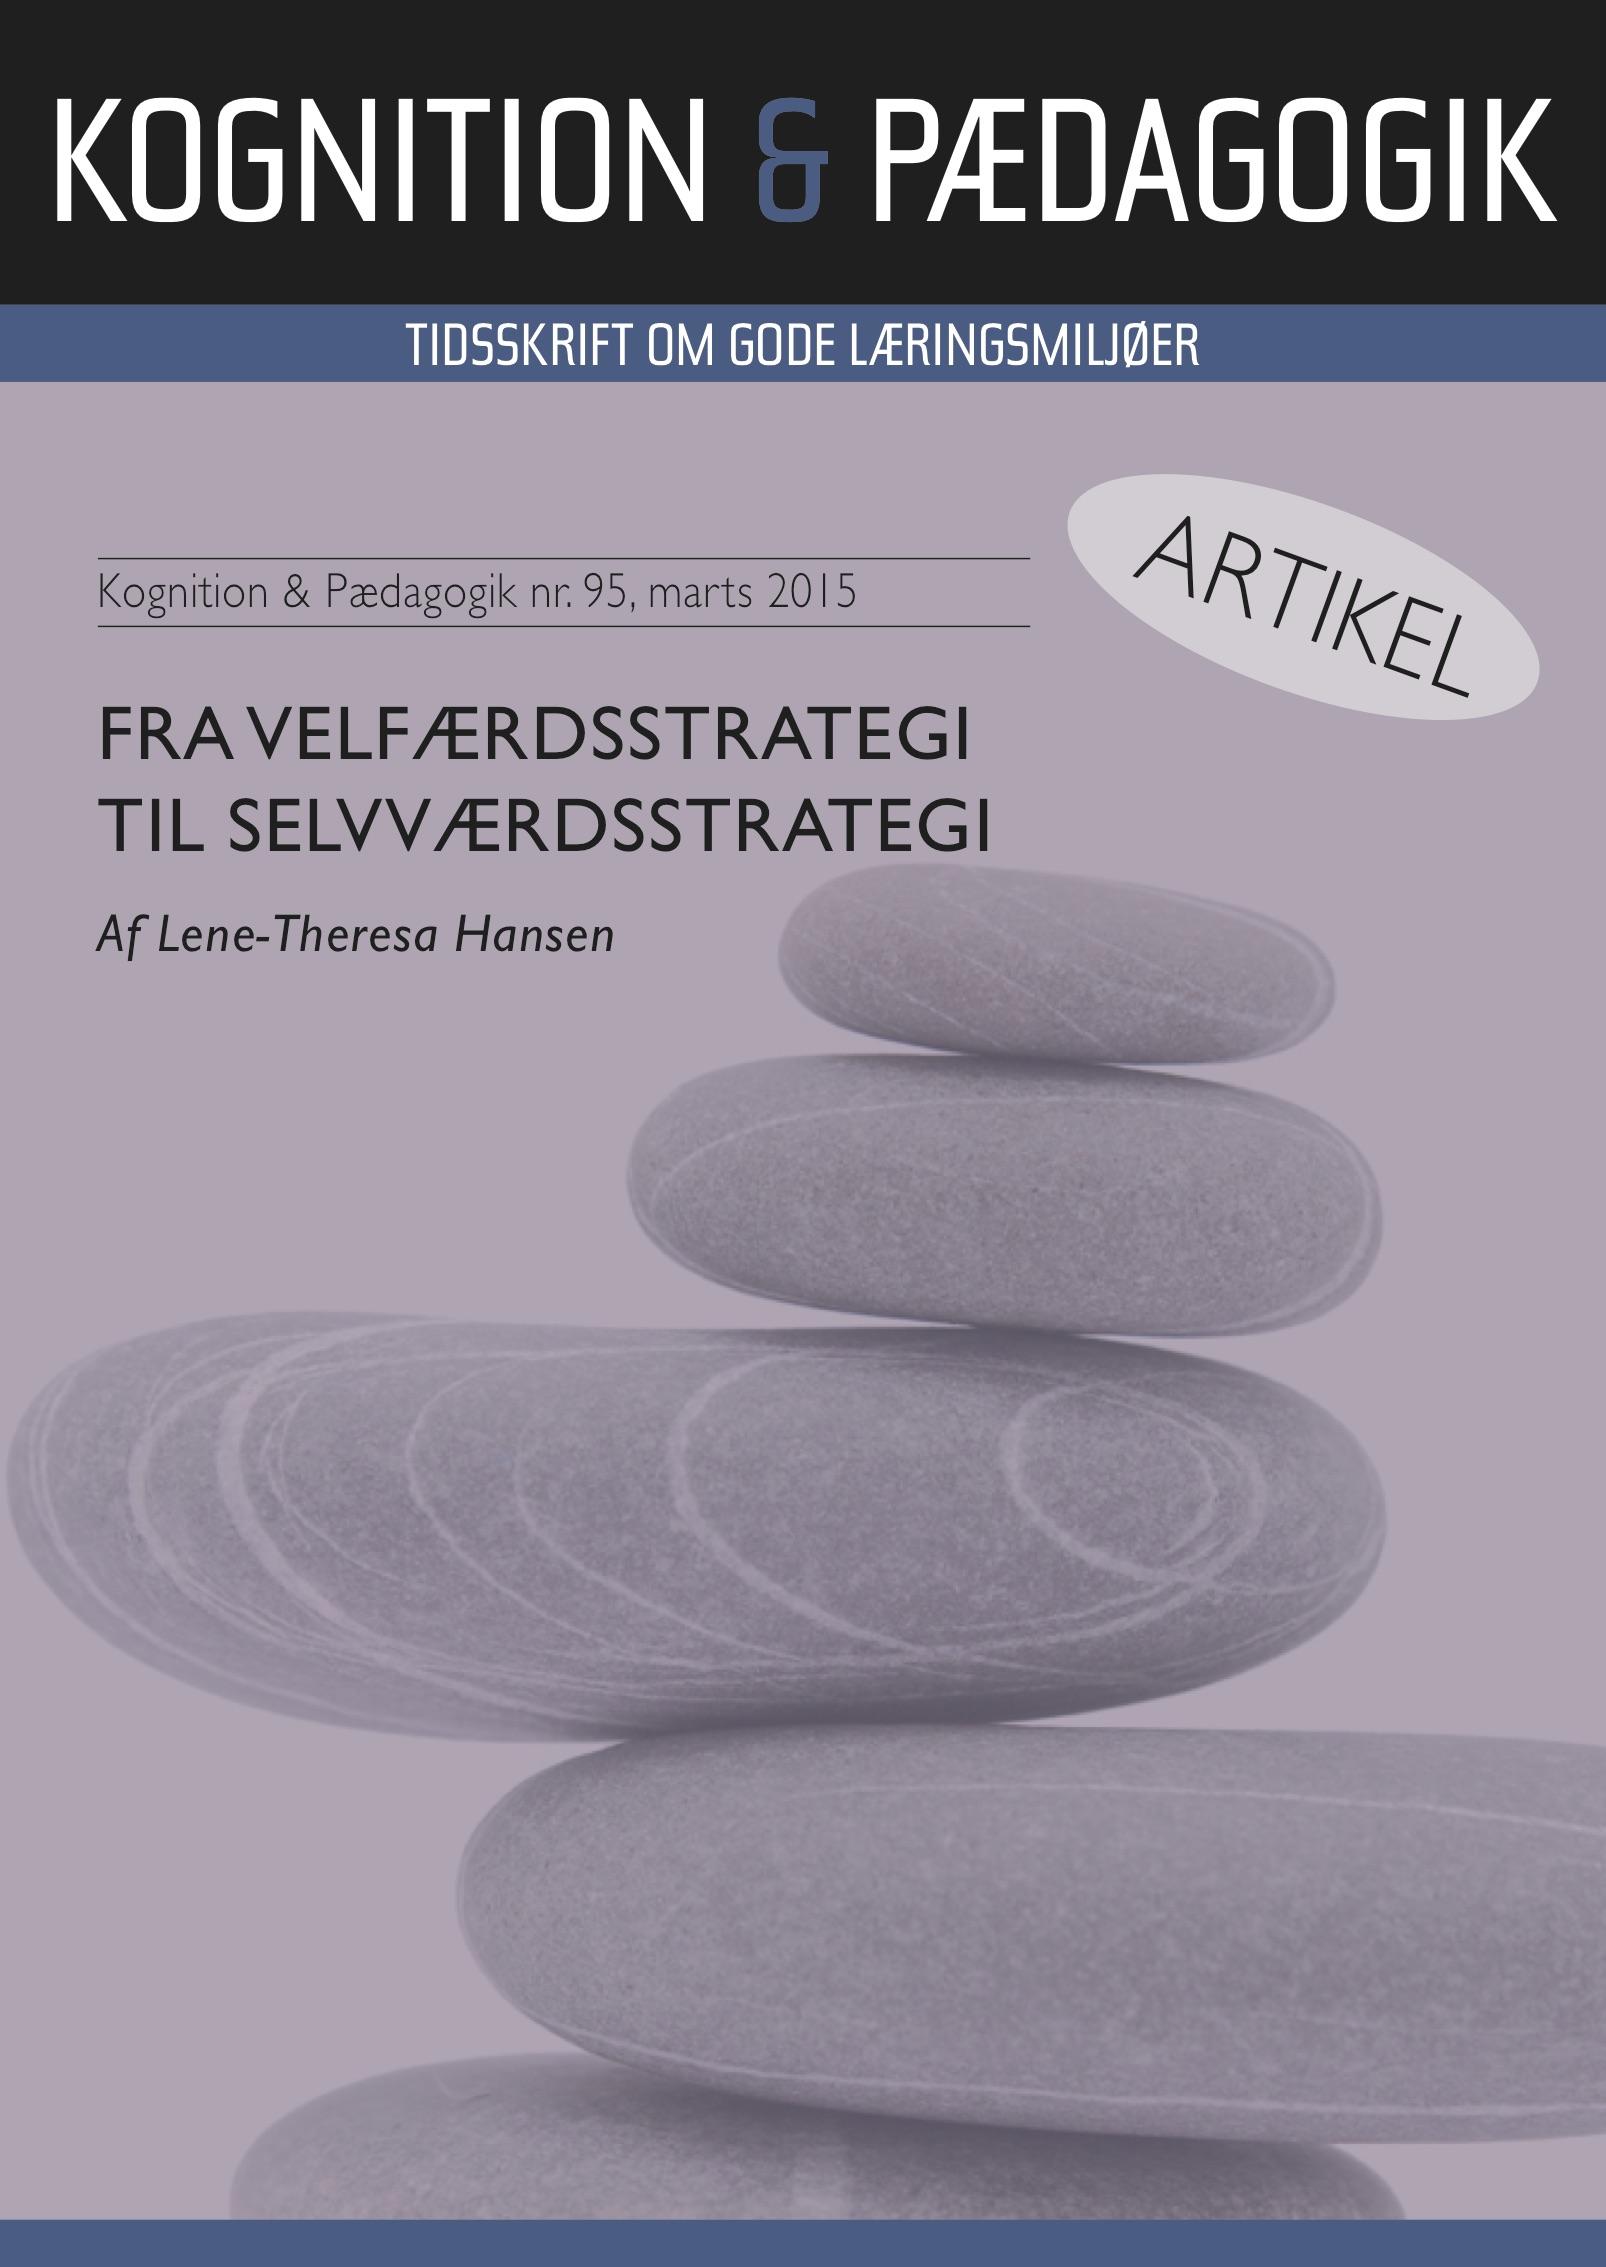 N/A Fra velfærdsstrategi til selvværdsstrategi - e-bog fra bog & mystik